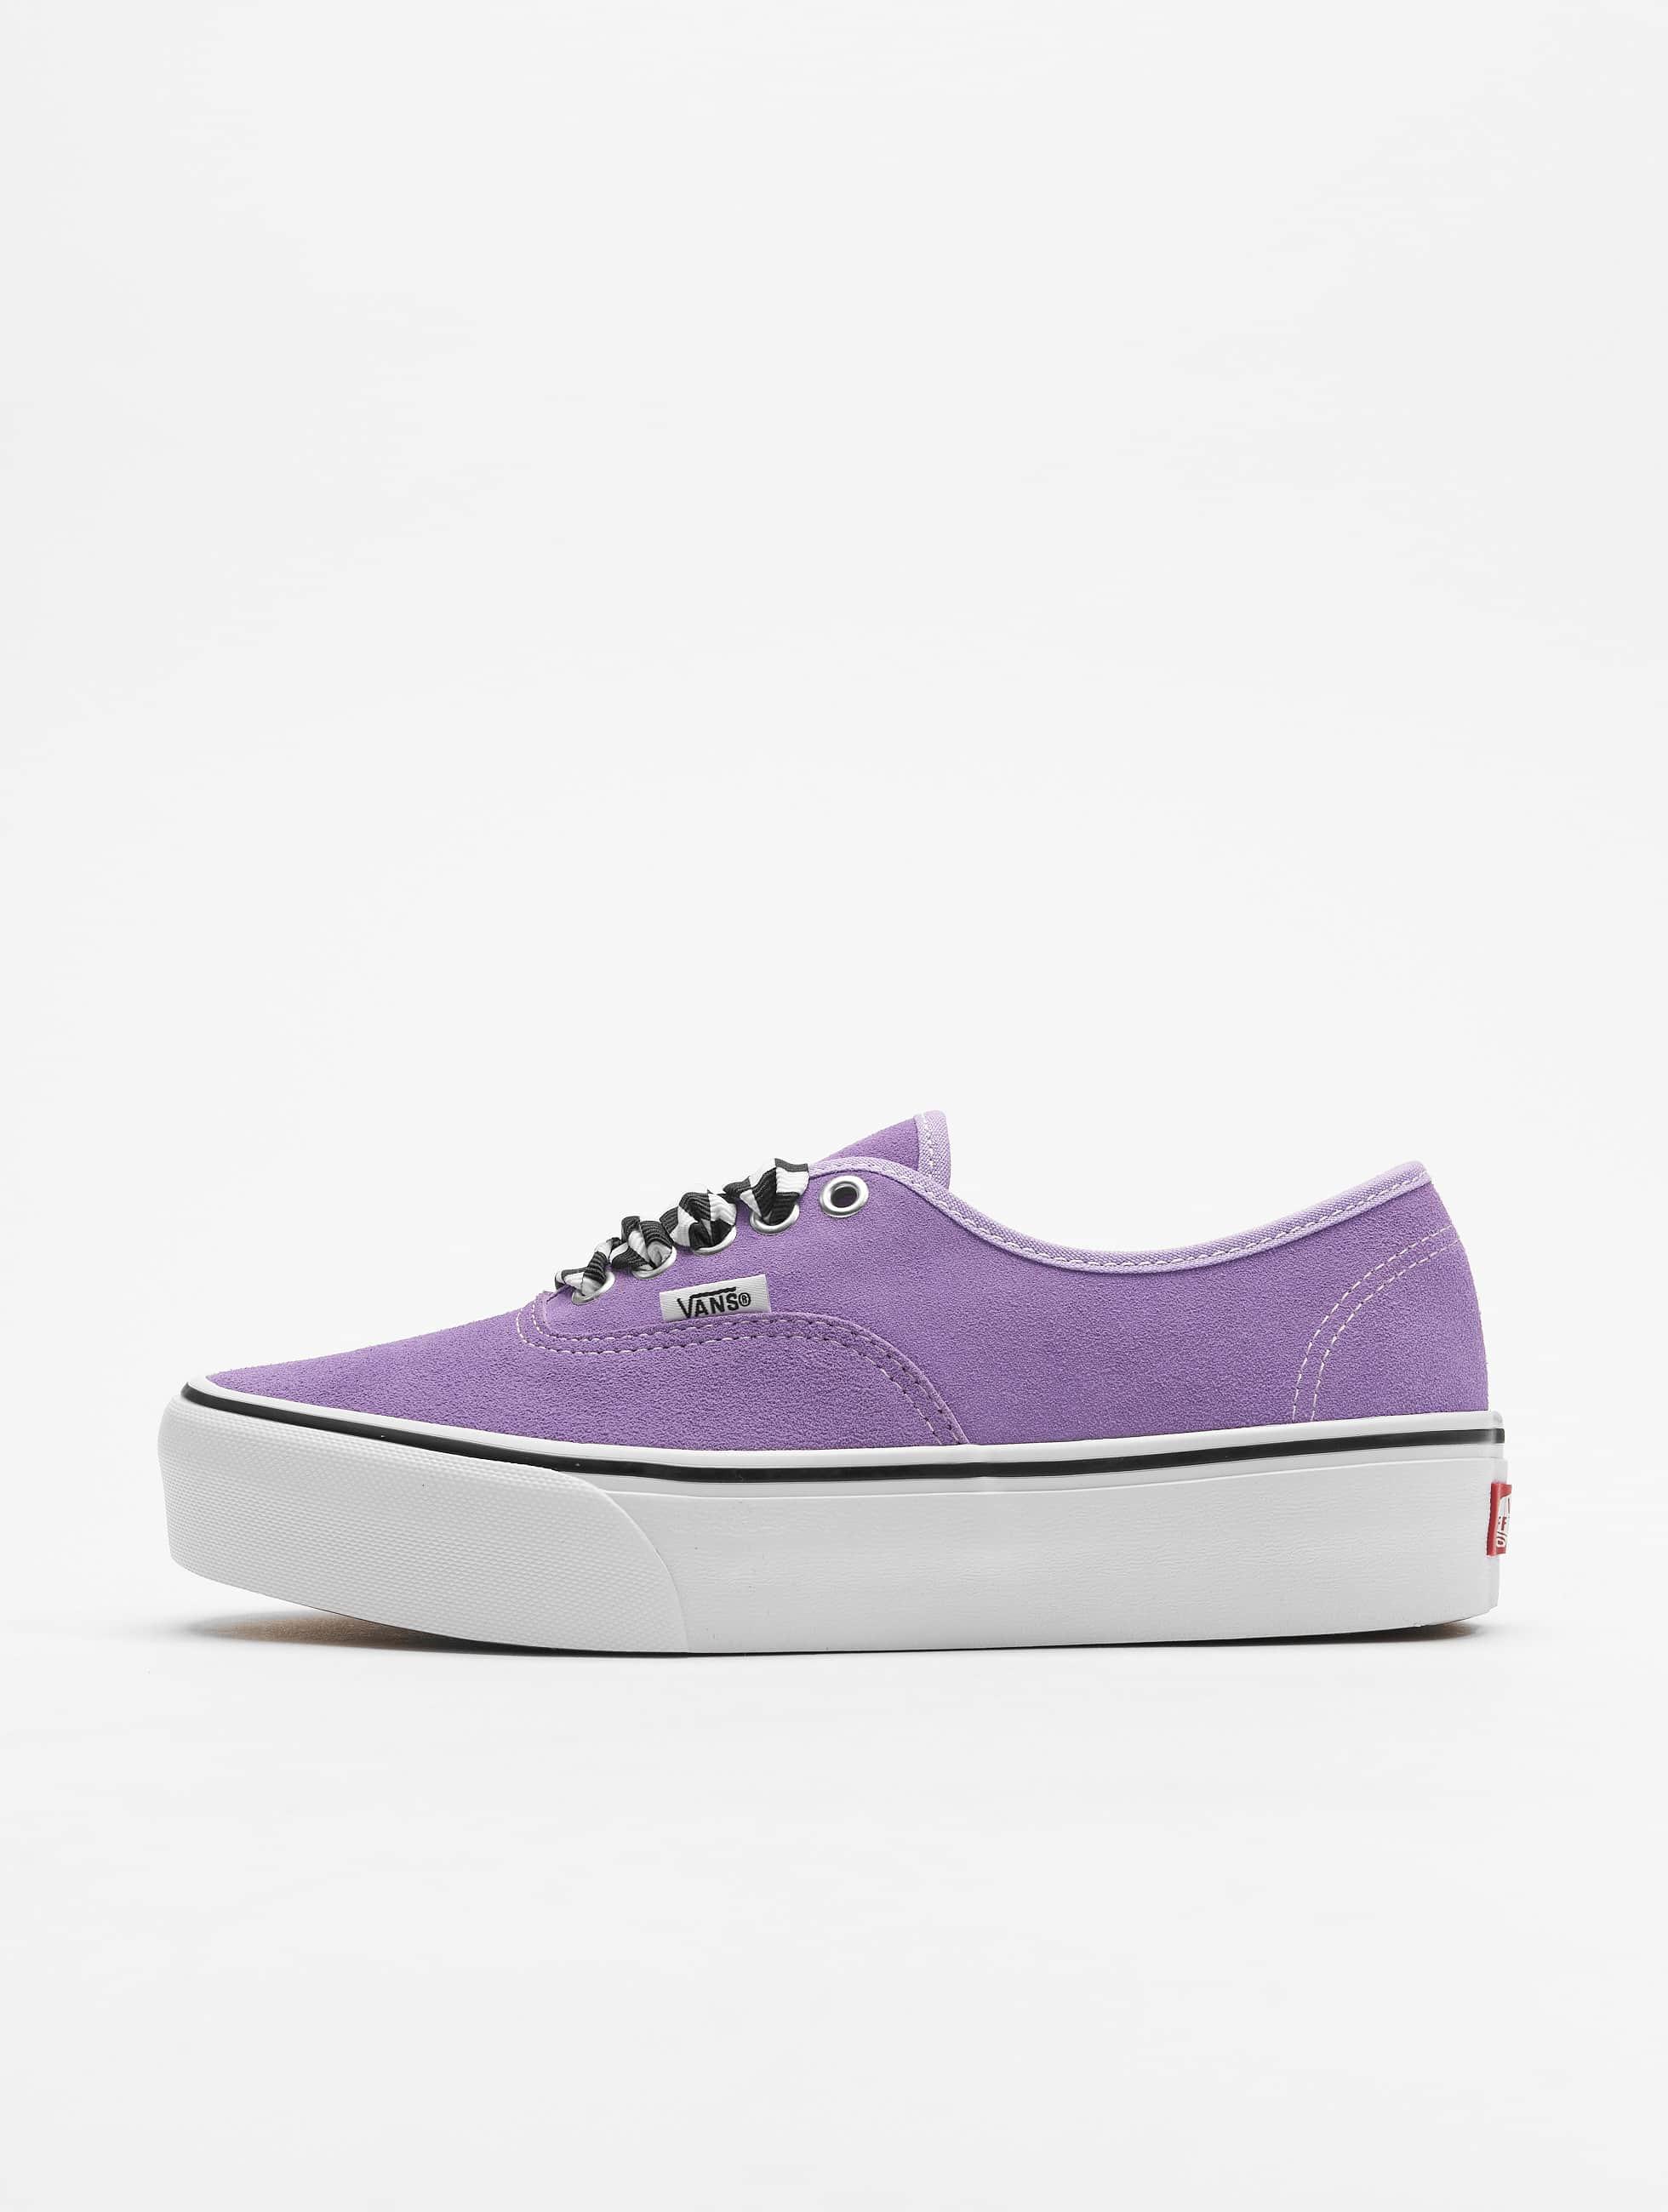 7fa1698932f Vans schoen / sneaker UA Authentic Platform 2.0 in paars 632259